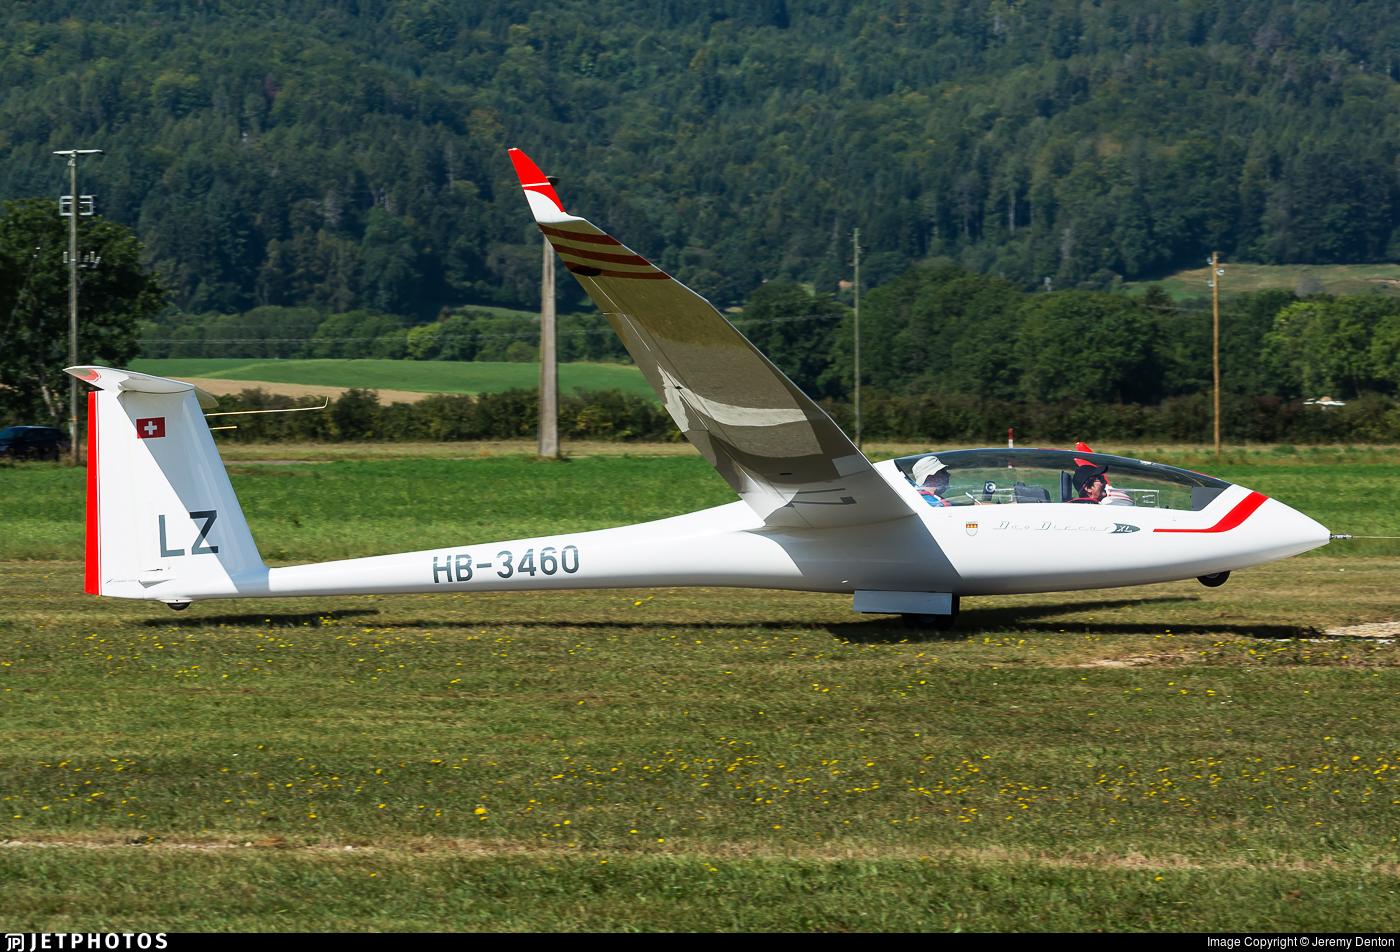 HB-3460 - Schempp-Hirth Duo Discus XL - Groupe Genevois de vol à voile de Montricher